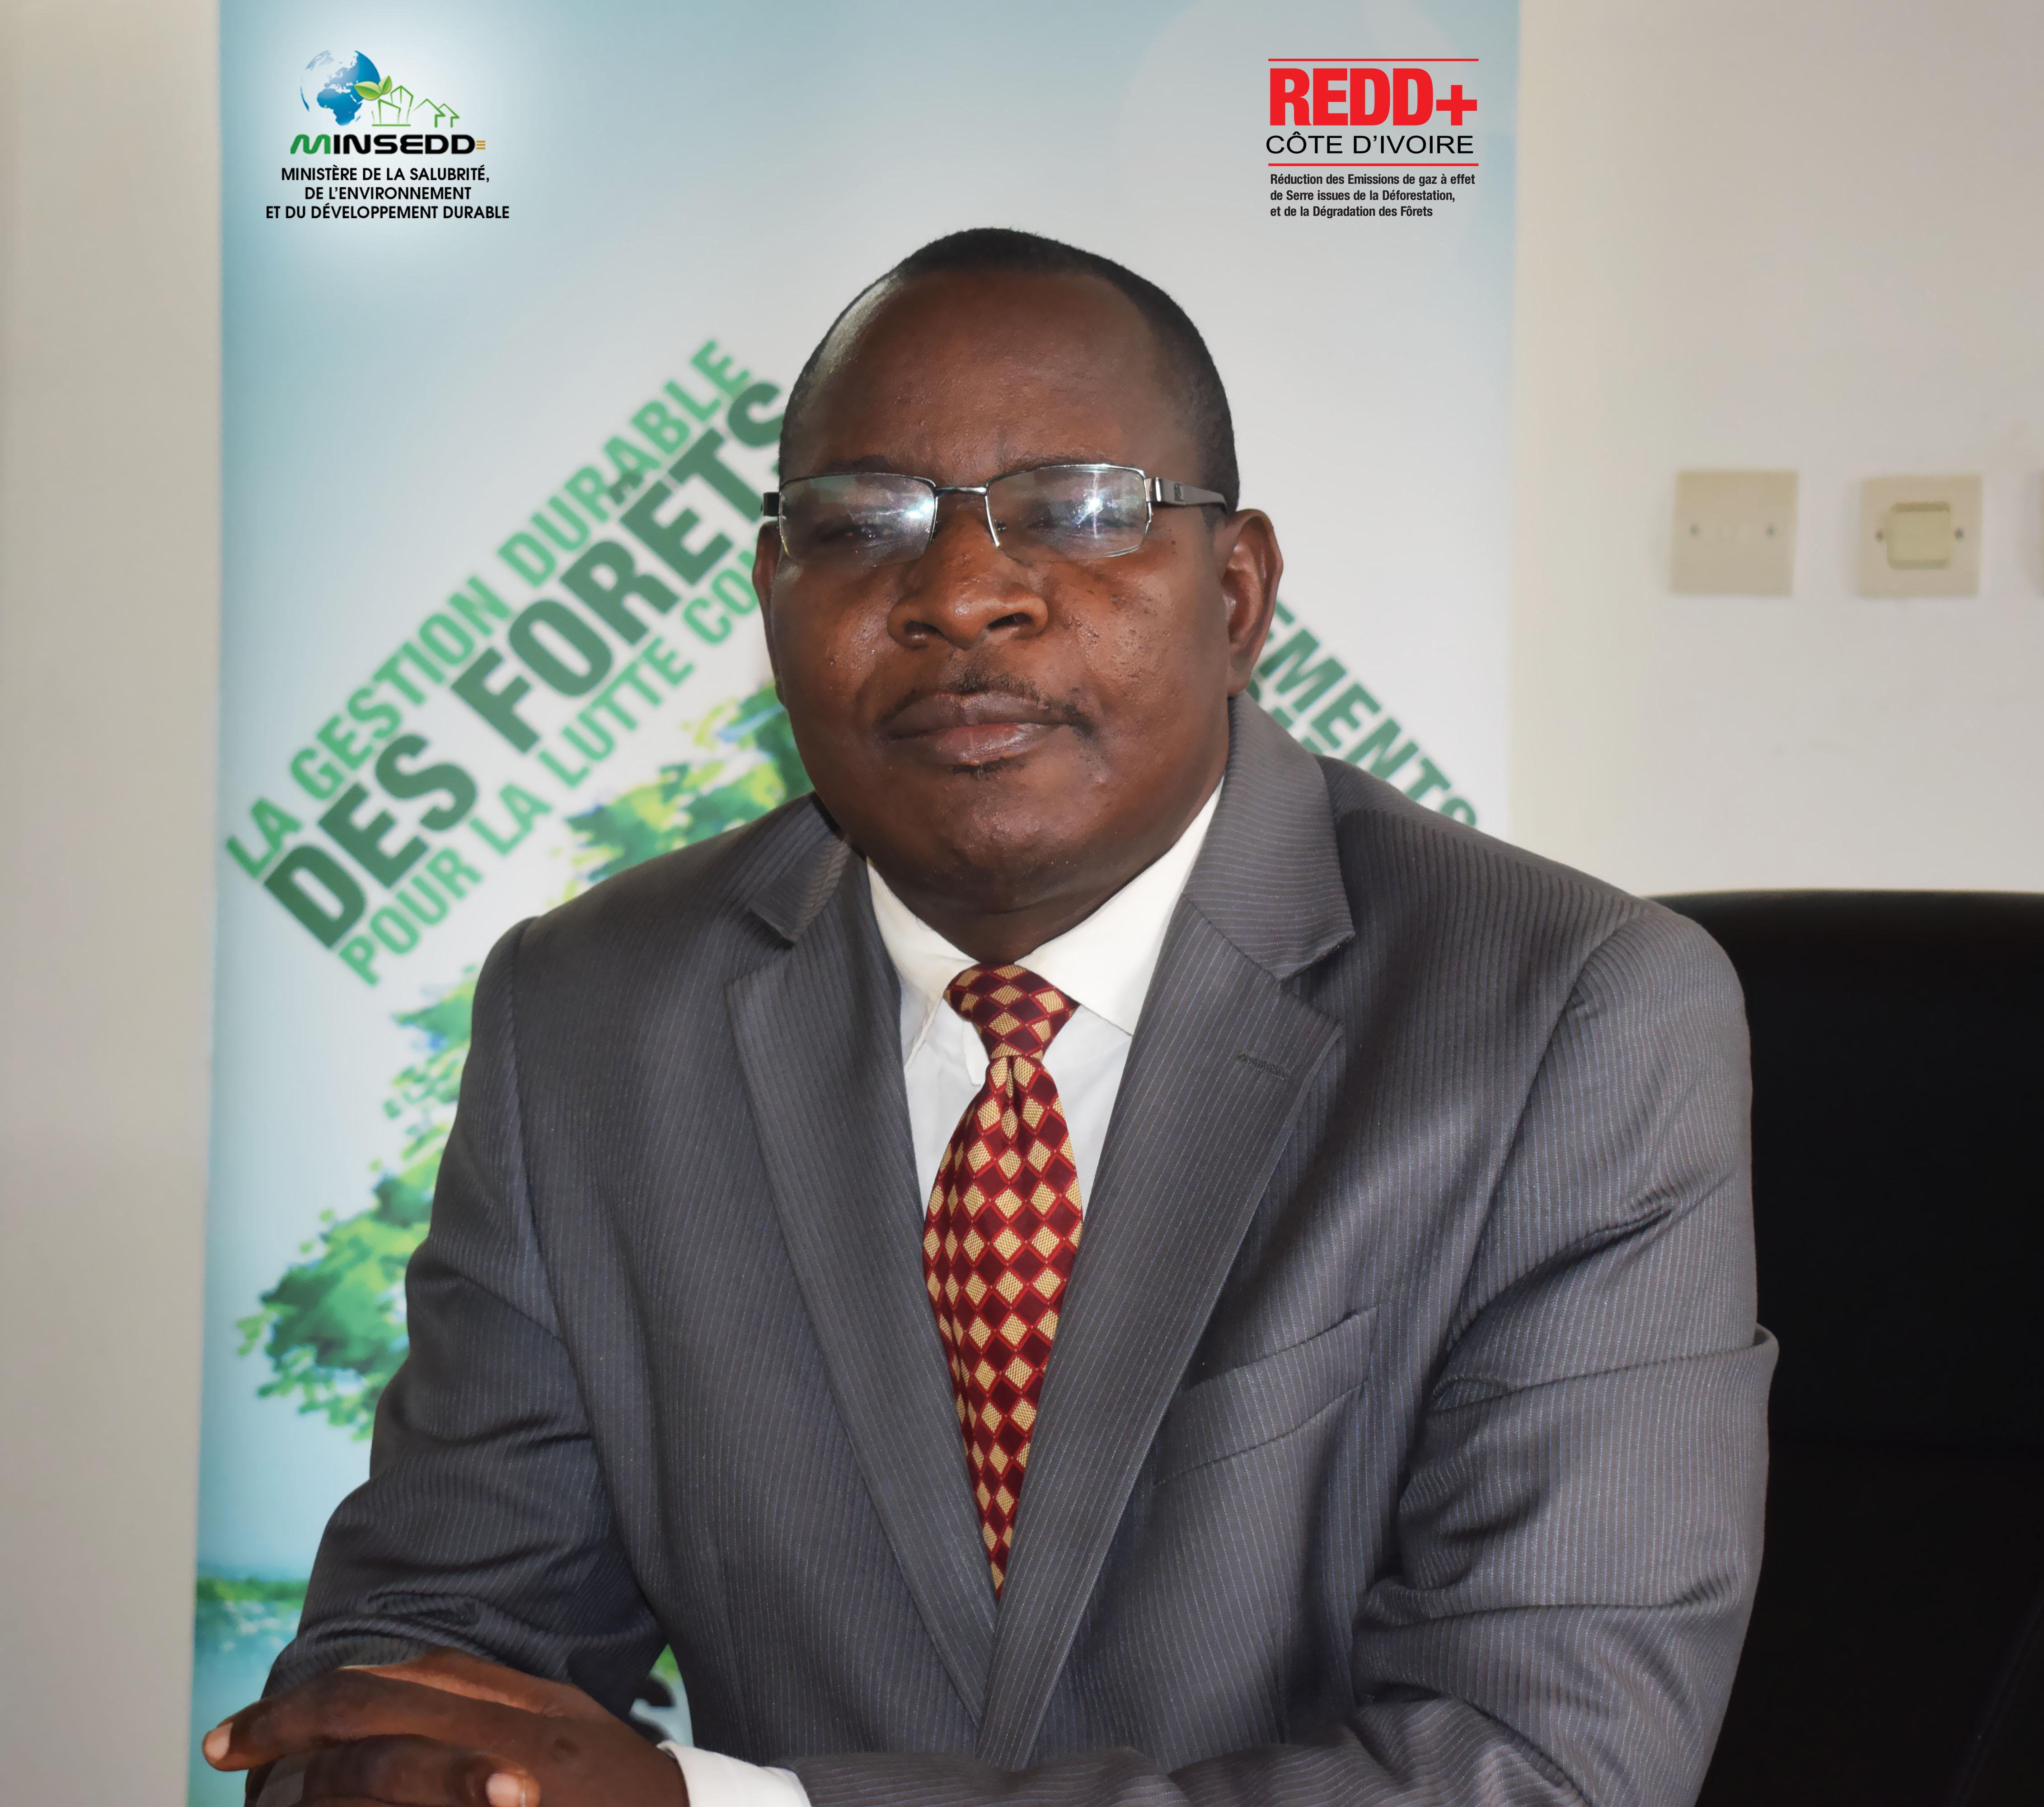 Lire l'interview du Coordonnateur par Intérim de la REDD+ sur l'installation des Organes de la Commission Nationale